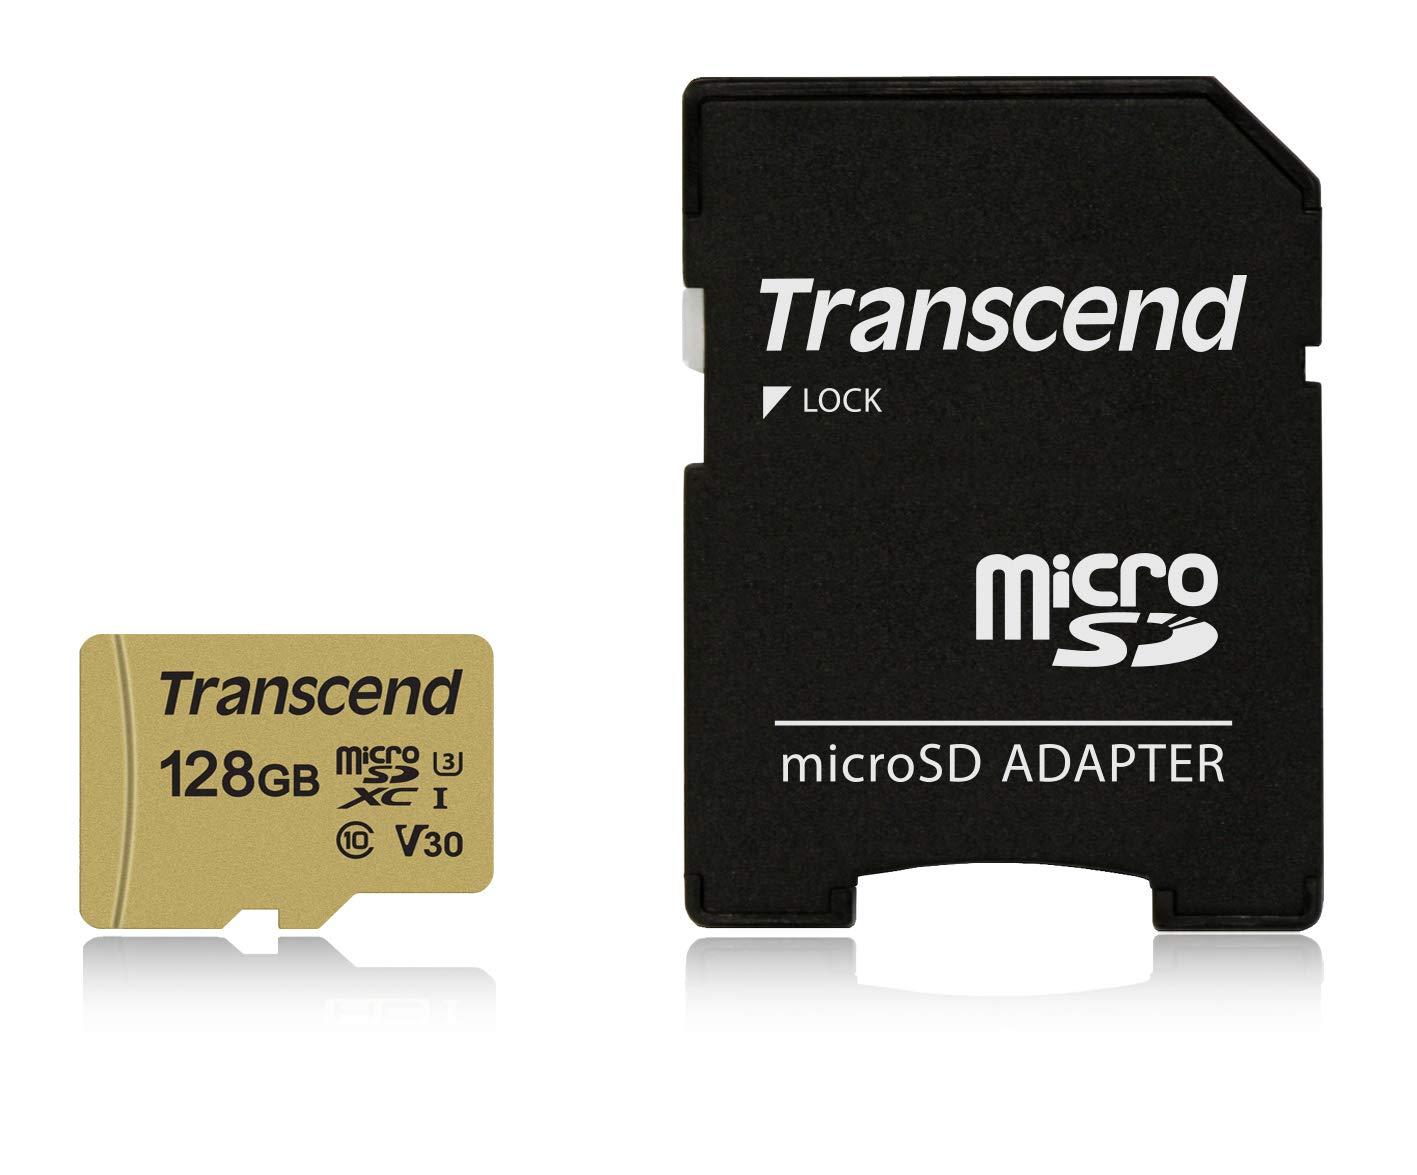 Transcend 128GB TS128GUSD500S-E UHS-I U3 MicroSD MemoryCard.